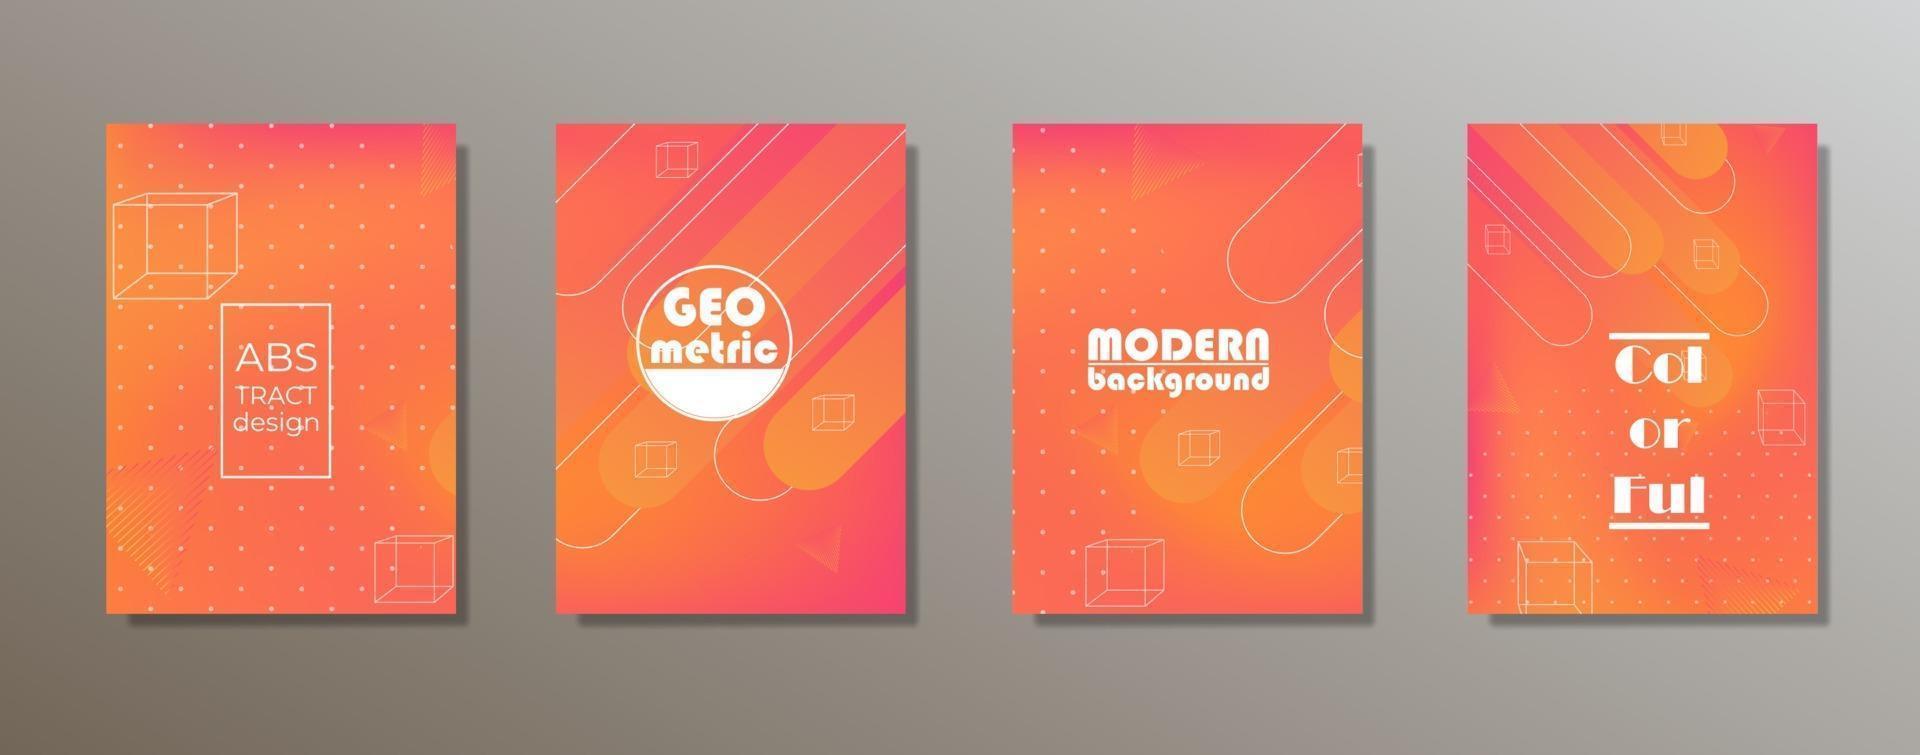 design colorato e minimalista delle copertine. gradienti di motivi geometrici minimi vettore